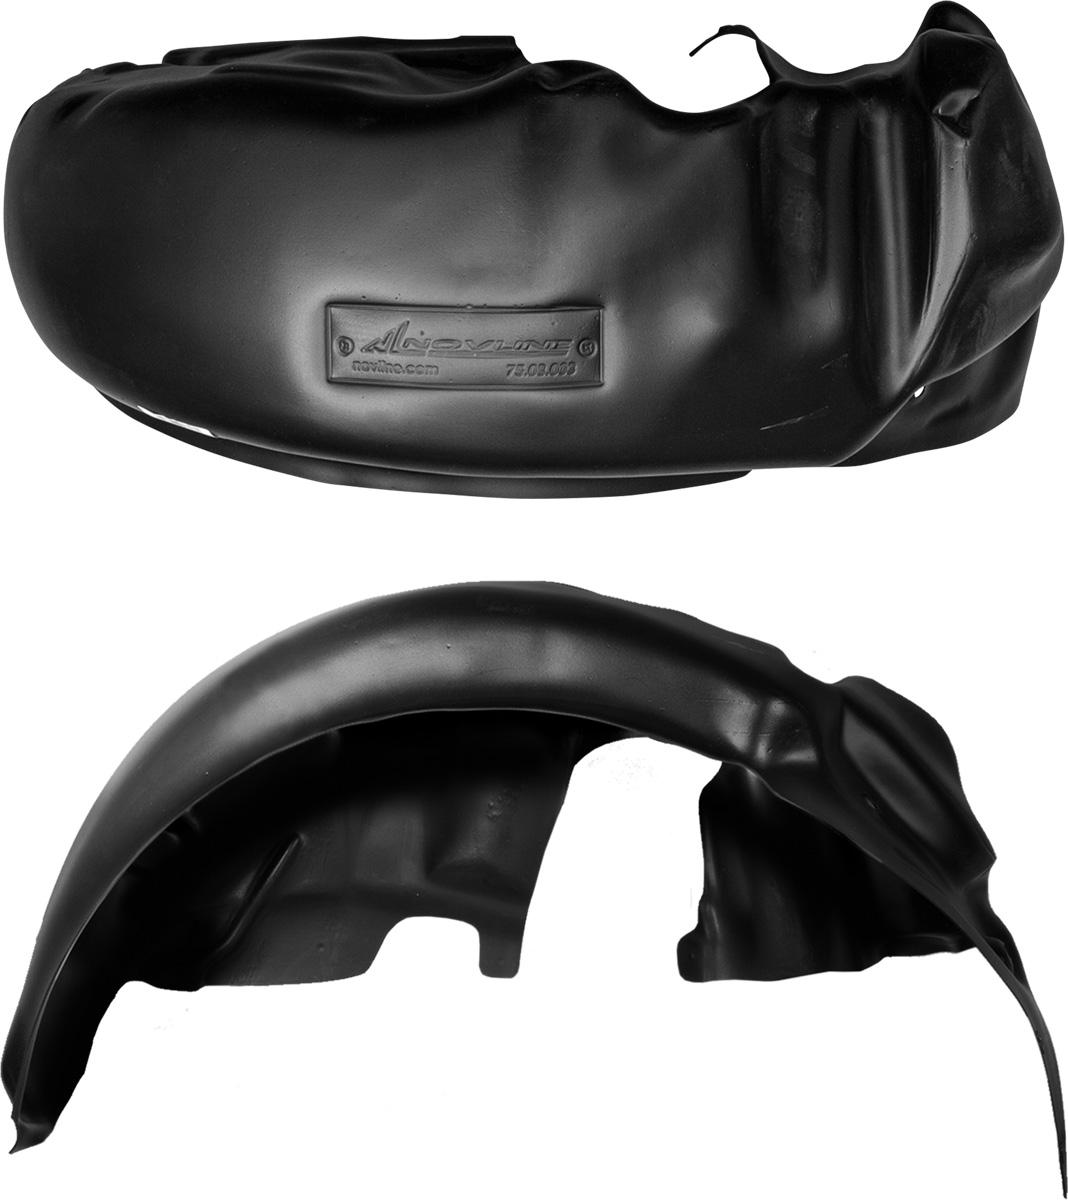 Подкрылок Novline-Autofamily, для Daewoo Matiz, 2005->, передний левый1004900000360Колесные ниши - одни из самых уязвимых зон днища вашего автомобиля. Они постоянно подвергаются воздействию со стороны дороги. Лучшая, почти абсолютная защита для них - специально отформованные пластиковые кожухи, которые называются подкрылками. Производятся они как для отечественных моделей автомобилей, так и для иномарок. Подкрылки Novline-Autofamily выполнены из высококачественного, экологически чистого пластика. Обеспечивают надежную защиту кузова автомобиля от пескоструйного эффекта и негативного влияния, агрессивных антигололедных реагентов. Пластик обладает более низкой теплопроводностью, чем металл, поэтому в зимний период эксплуатации использование пластиковых подкрылков позволяет лучше защитить колесные ниши от налипания снега и образования наледи. Оригинальность конструкции подчеркивает элегантность автомобиля, бережно защищает нанесенное на днище кузова антикоррозийное покрытие и позволяет осуществить крепление подкрылков внутри колесной арки практически без дополнительного крепежа и сверления, не нарушая при этом лакокрасочного покрытия, что предотвращает возникновение новых очагов коррозии. Подкрылки долговечны, обладают высокой прочностью и сохраняют заданную форму, а также все свои физико-механические характеристики в самых тяжелых климатических условиях (от -50°С до +50°С).Уважаемые клиенты!Обращаем ваше внимание, на тот факт, что подкрылок имеет форму, соответствующую модели данного автомобиля. Фото служит для визуального восприятия товара.